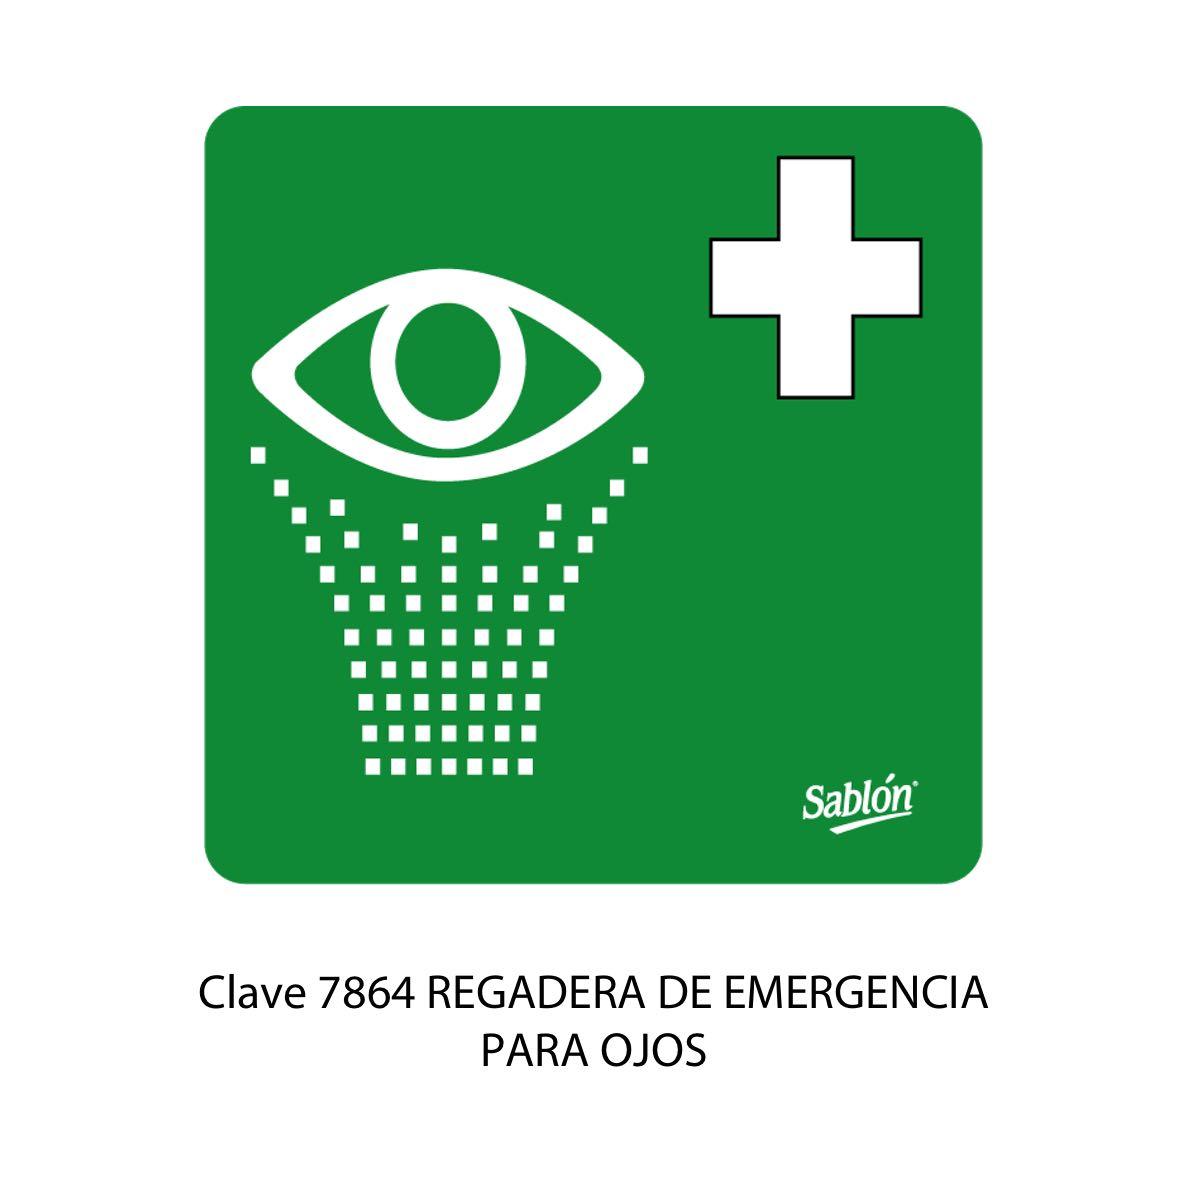 Señal Regadera de Emergencia para Ojos Modelo 7864 - Sablón